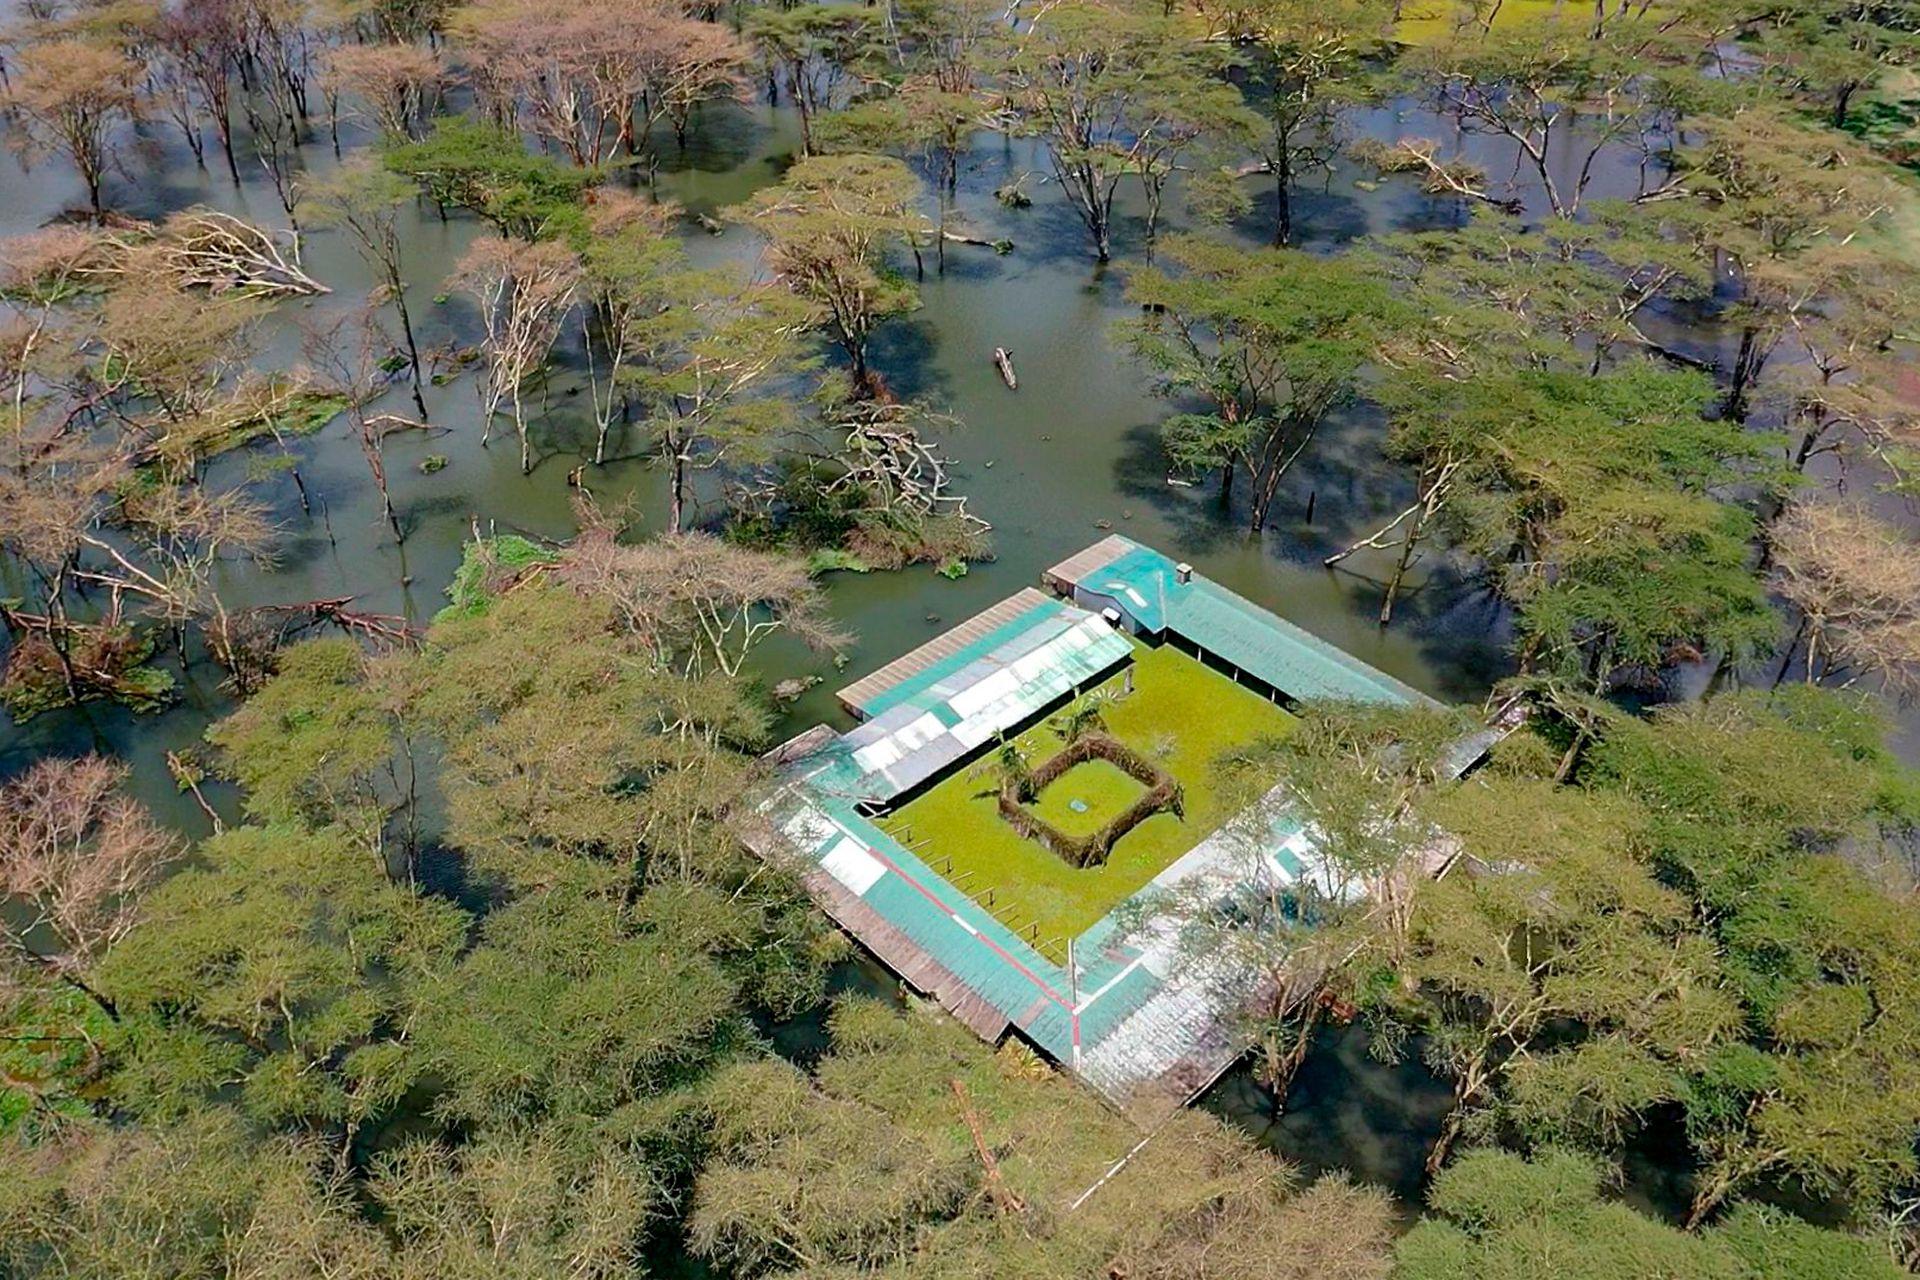 El jefe del pueblo apenas logra encontrar la granja donde ha pasado toda su vida, sumergida por las aguas del lago Baringo, en Kenia, tapizado de jacintos acuáticos